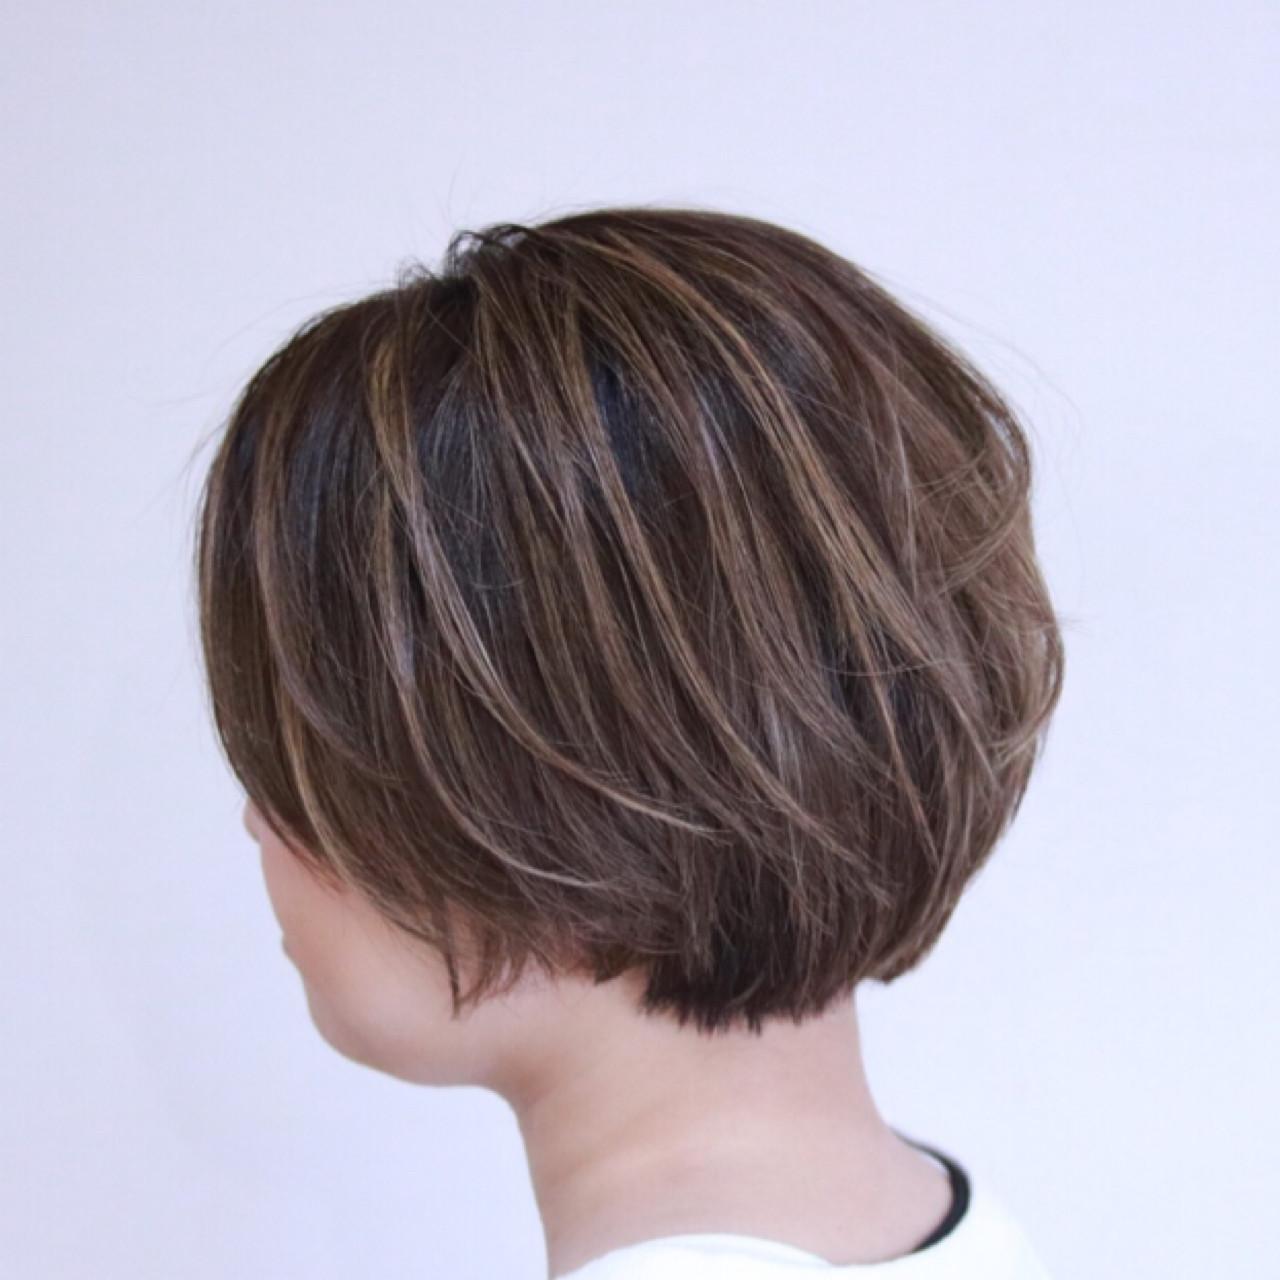 ショート ボブ ショートボブ ナチュラル ヘアスタイルや髪型の写真・画像 | 蝦名貴之 / KINTARO